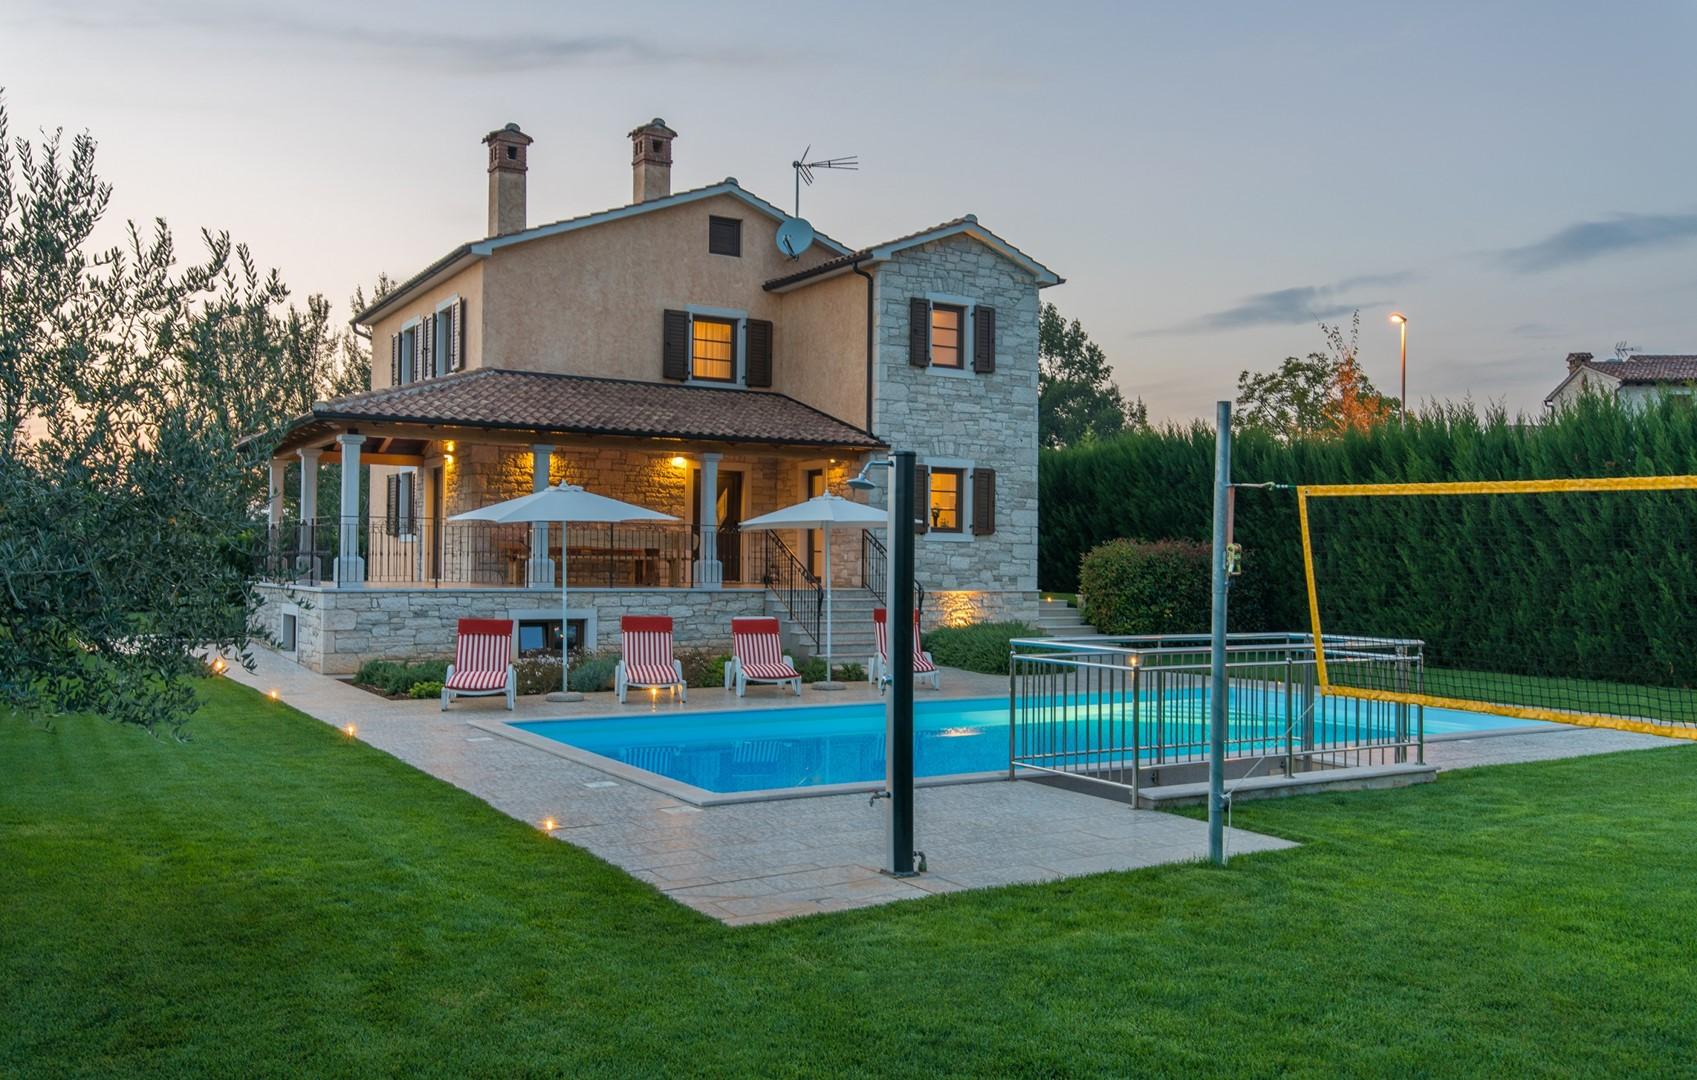 Ferienhaus Geräumige Villa Nikka mit schönem Garten und Pool (1412592), Kanfanar, , Istrien, Kroatien, Bild 23